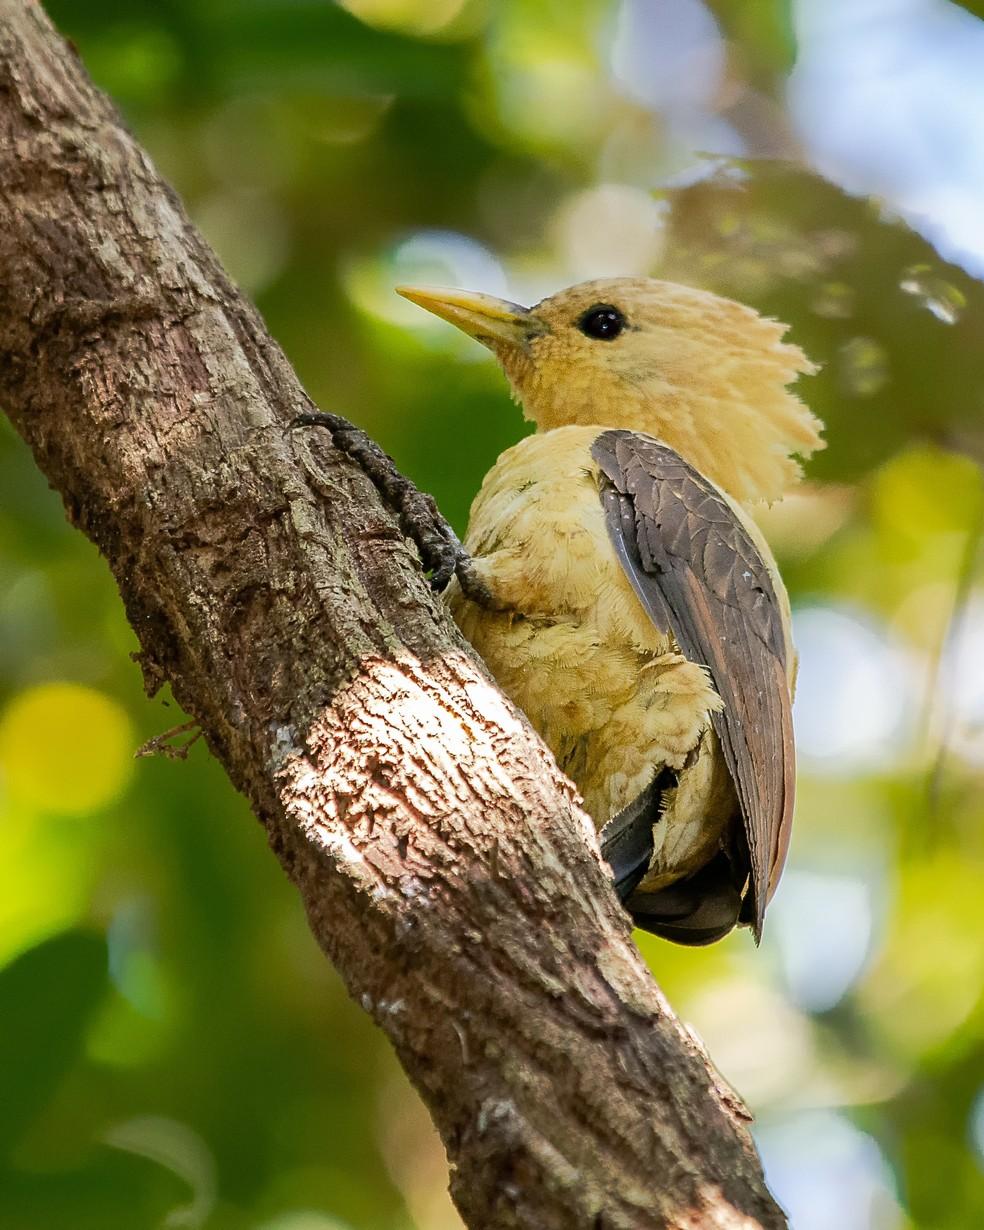 Fêmea do pica-pau-amarelo não possui mancha vermelha na face — Foto: Ney Matsumura/ Arquivo Pessoal